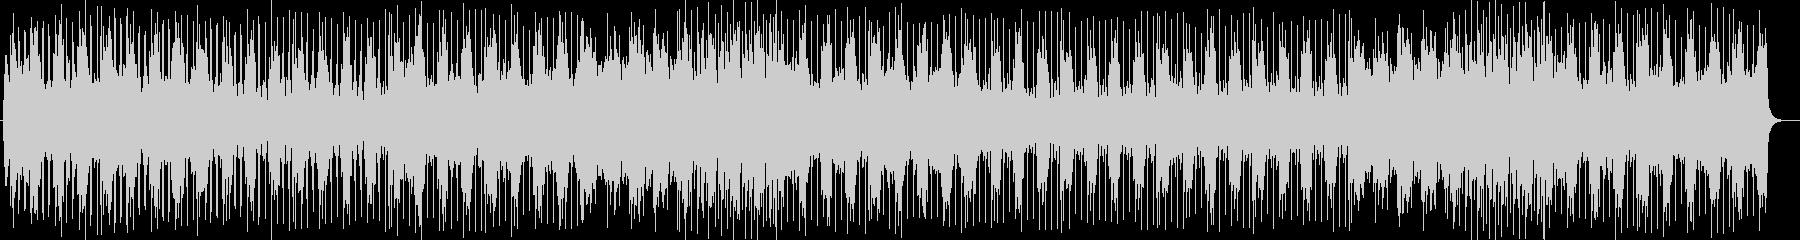 ワクワクウキウキポップスの未再生の波形